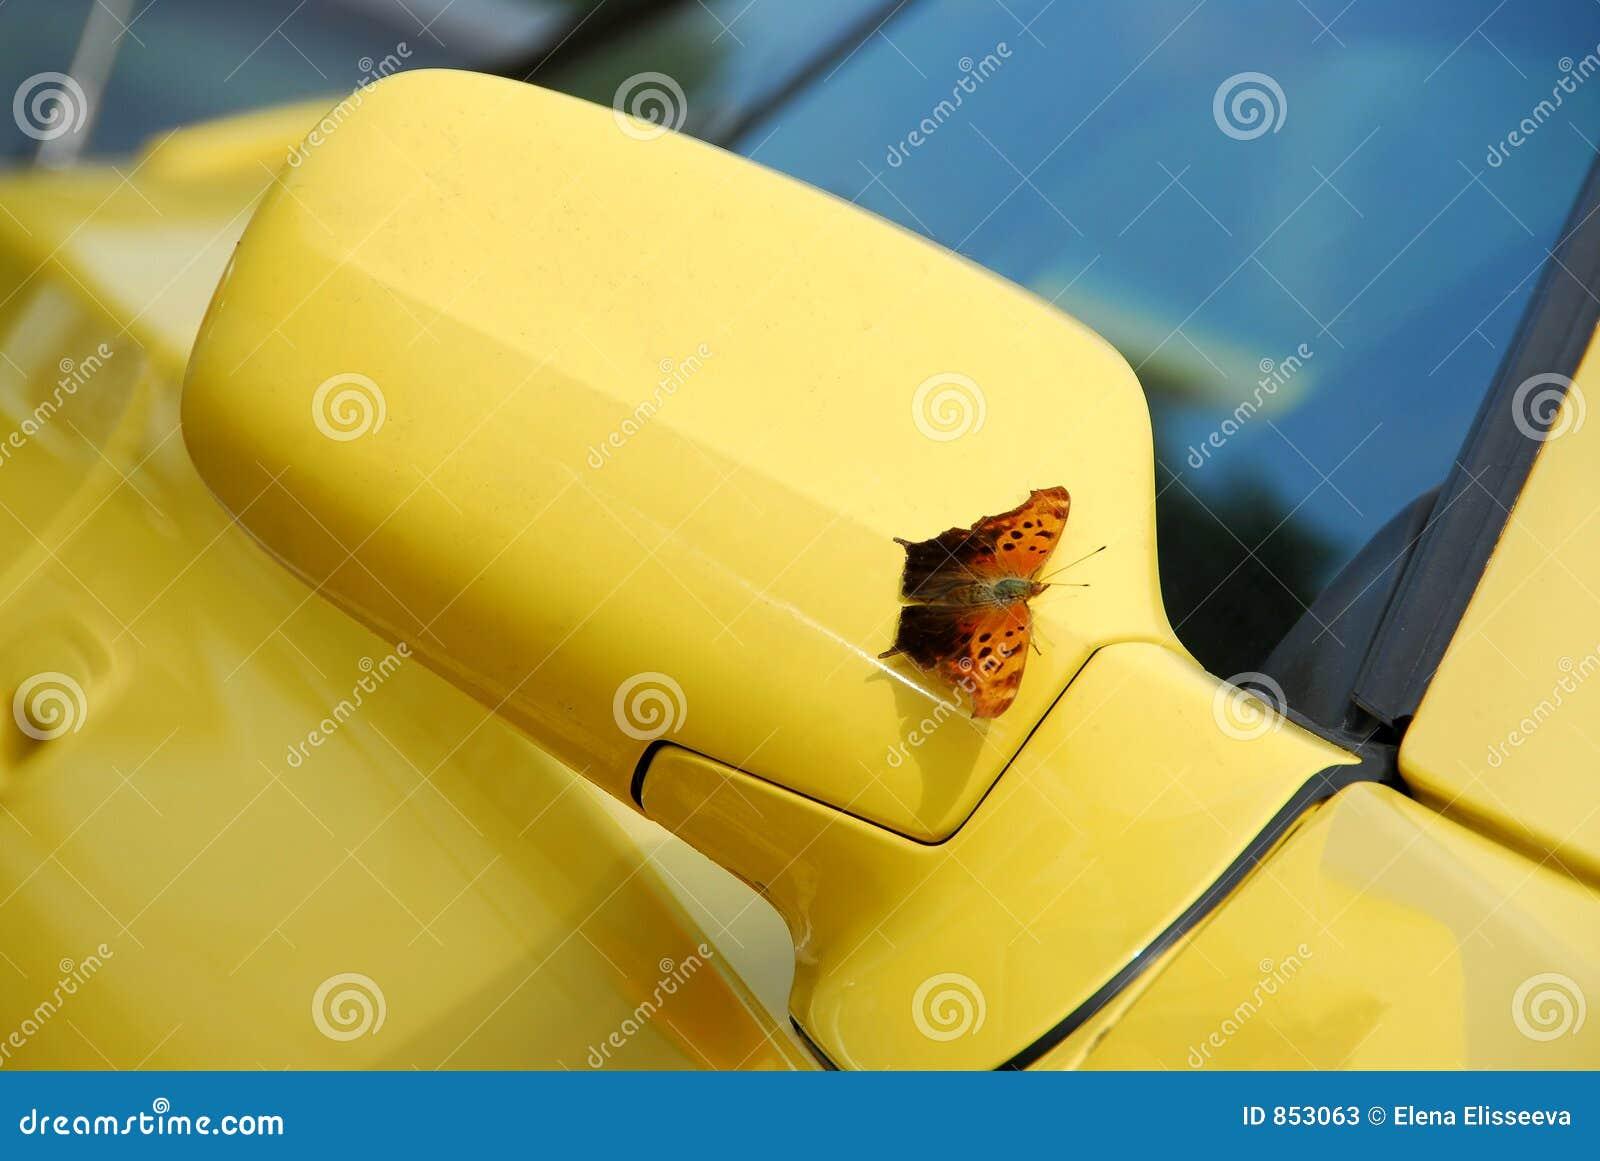 Spiegel des gelben Sportautos